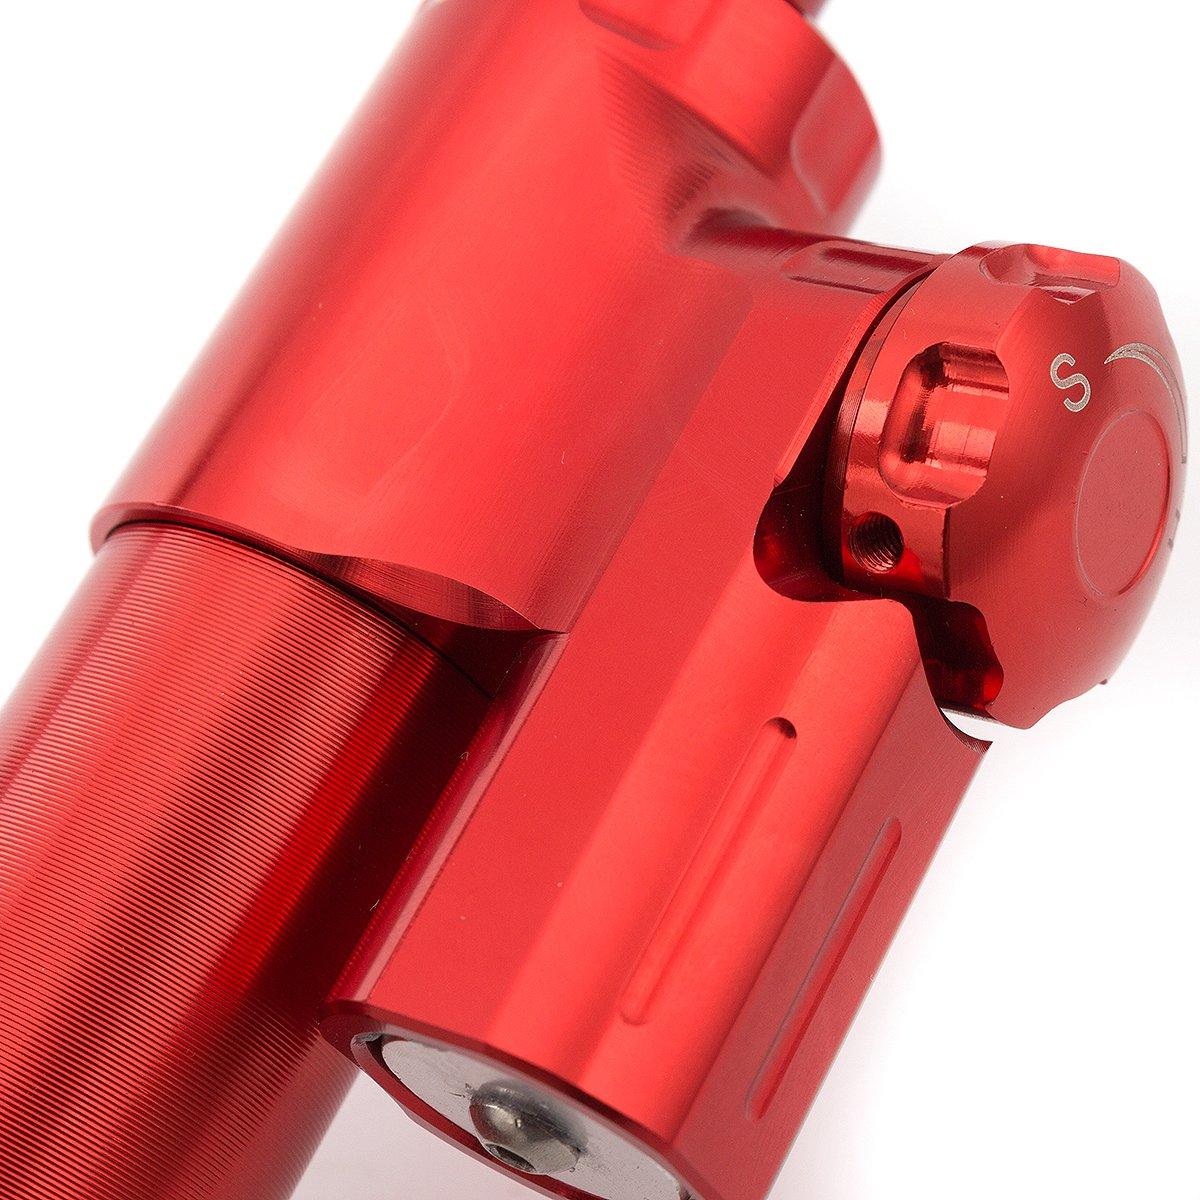 CBR954RR 2002-2003 CBR1000R 2008-2016 CB600F HORNET 07-16 Motorcycle Adjustable Universal Steering Damper Stabilizer Control For Honda CBR600RR 2005-2016 CBR650R CBR650F 2014-2016 CB1300 03-11